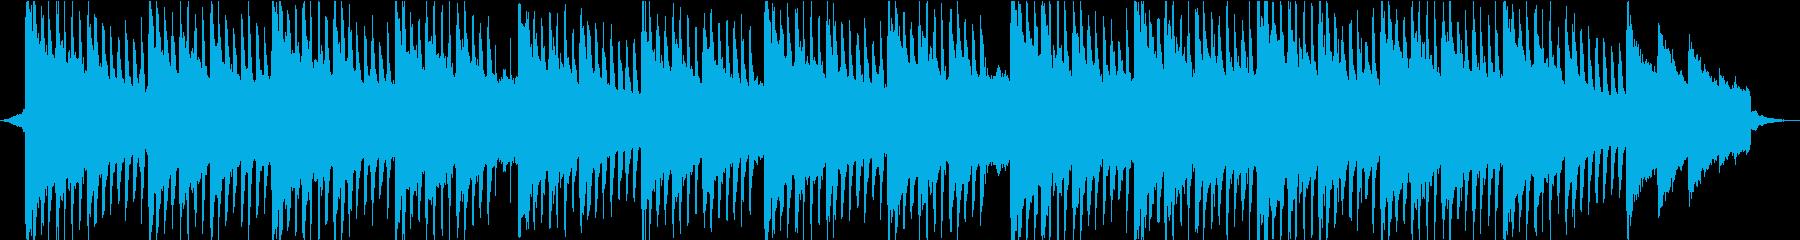 クール・幻想的・美しい・コーポレート②の再生済みの波形